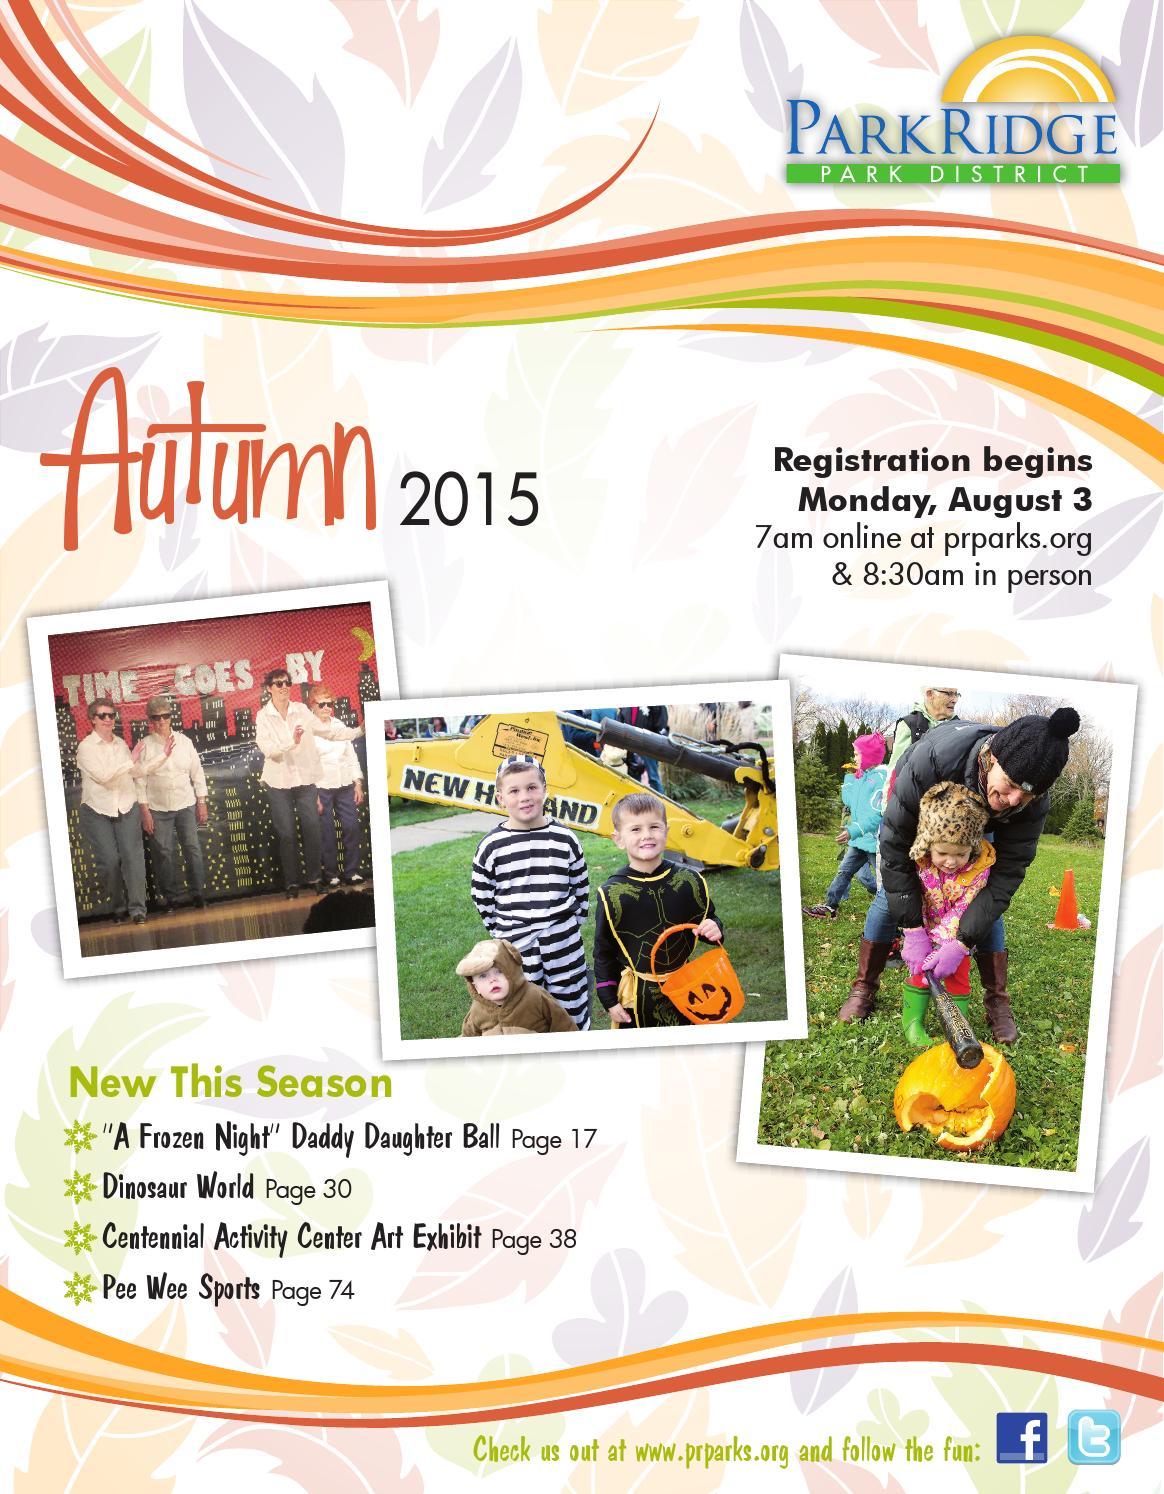 2015 PRPD Autumn Brochure by Park Ridge Park District - issuu